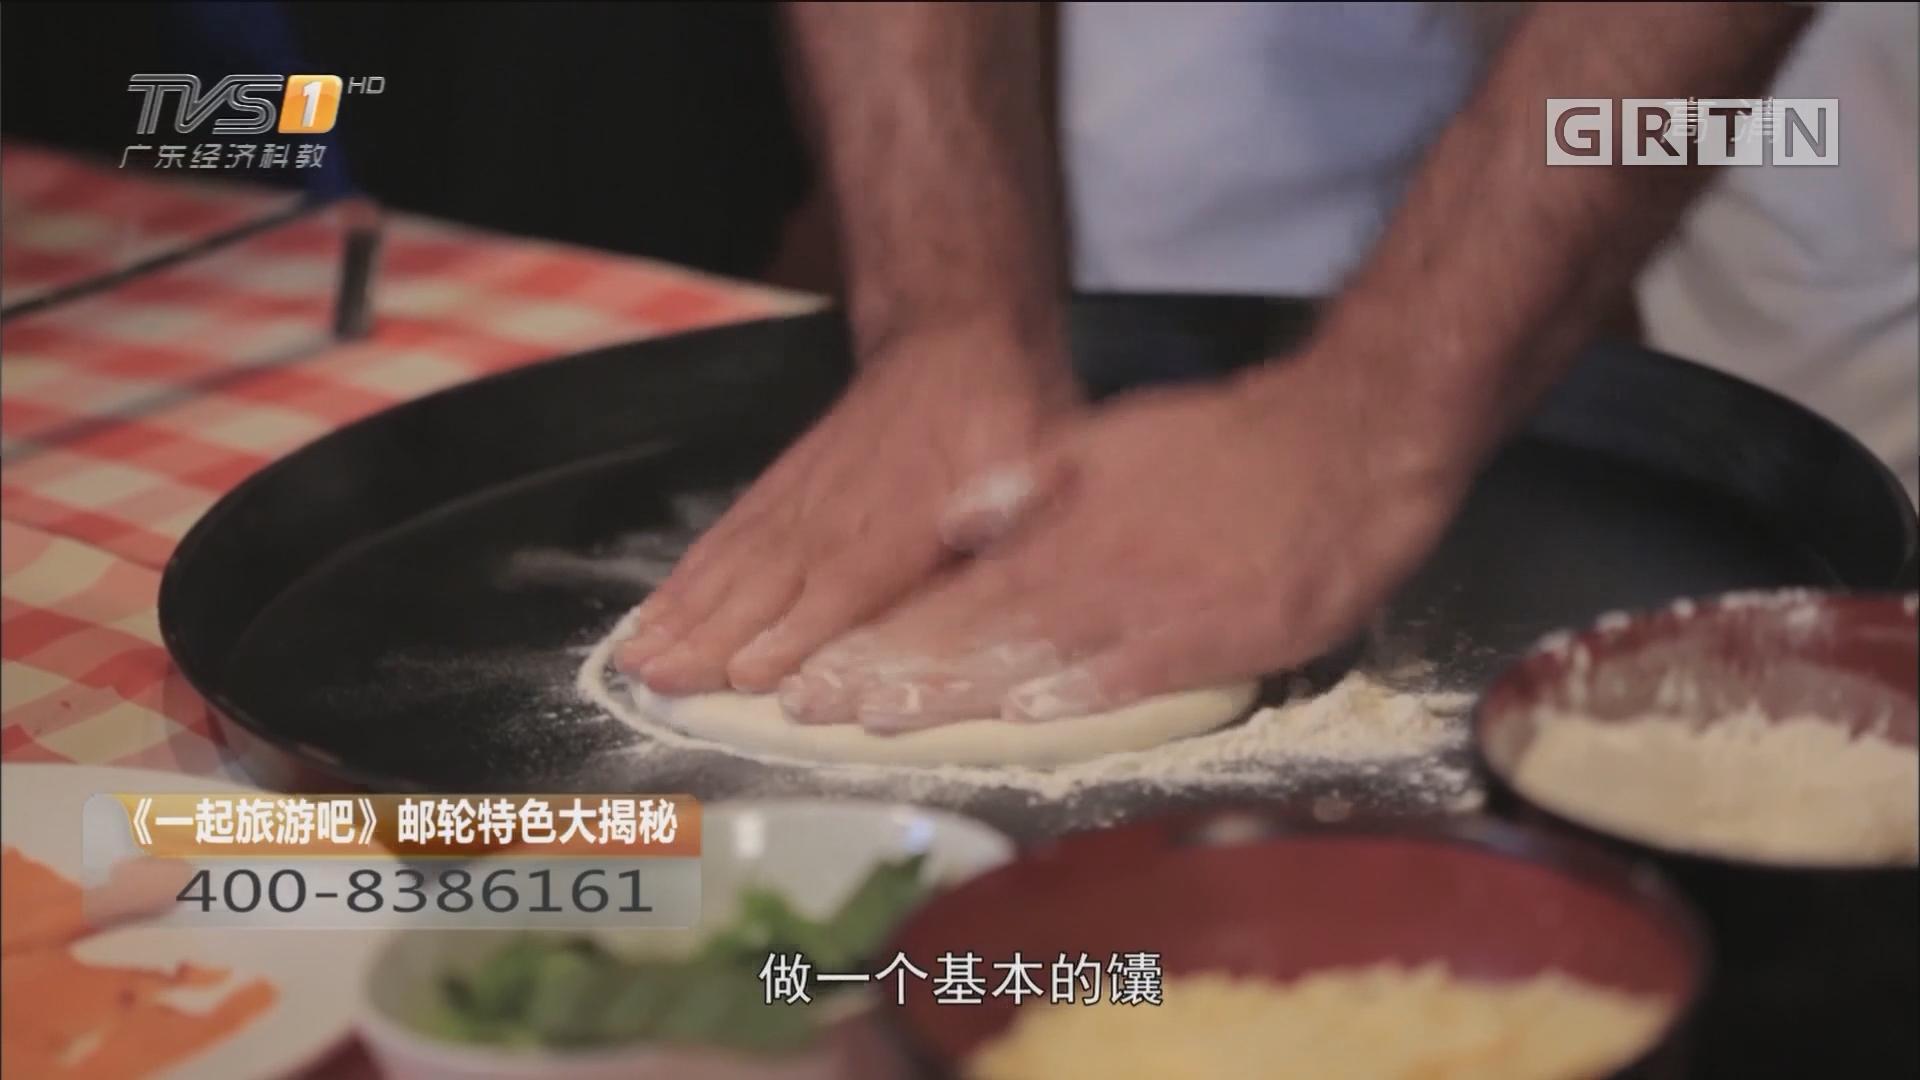 邮轮特色大揭秘——邮轮的意大利菜